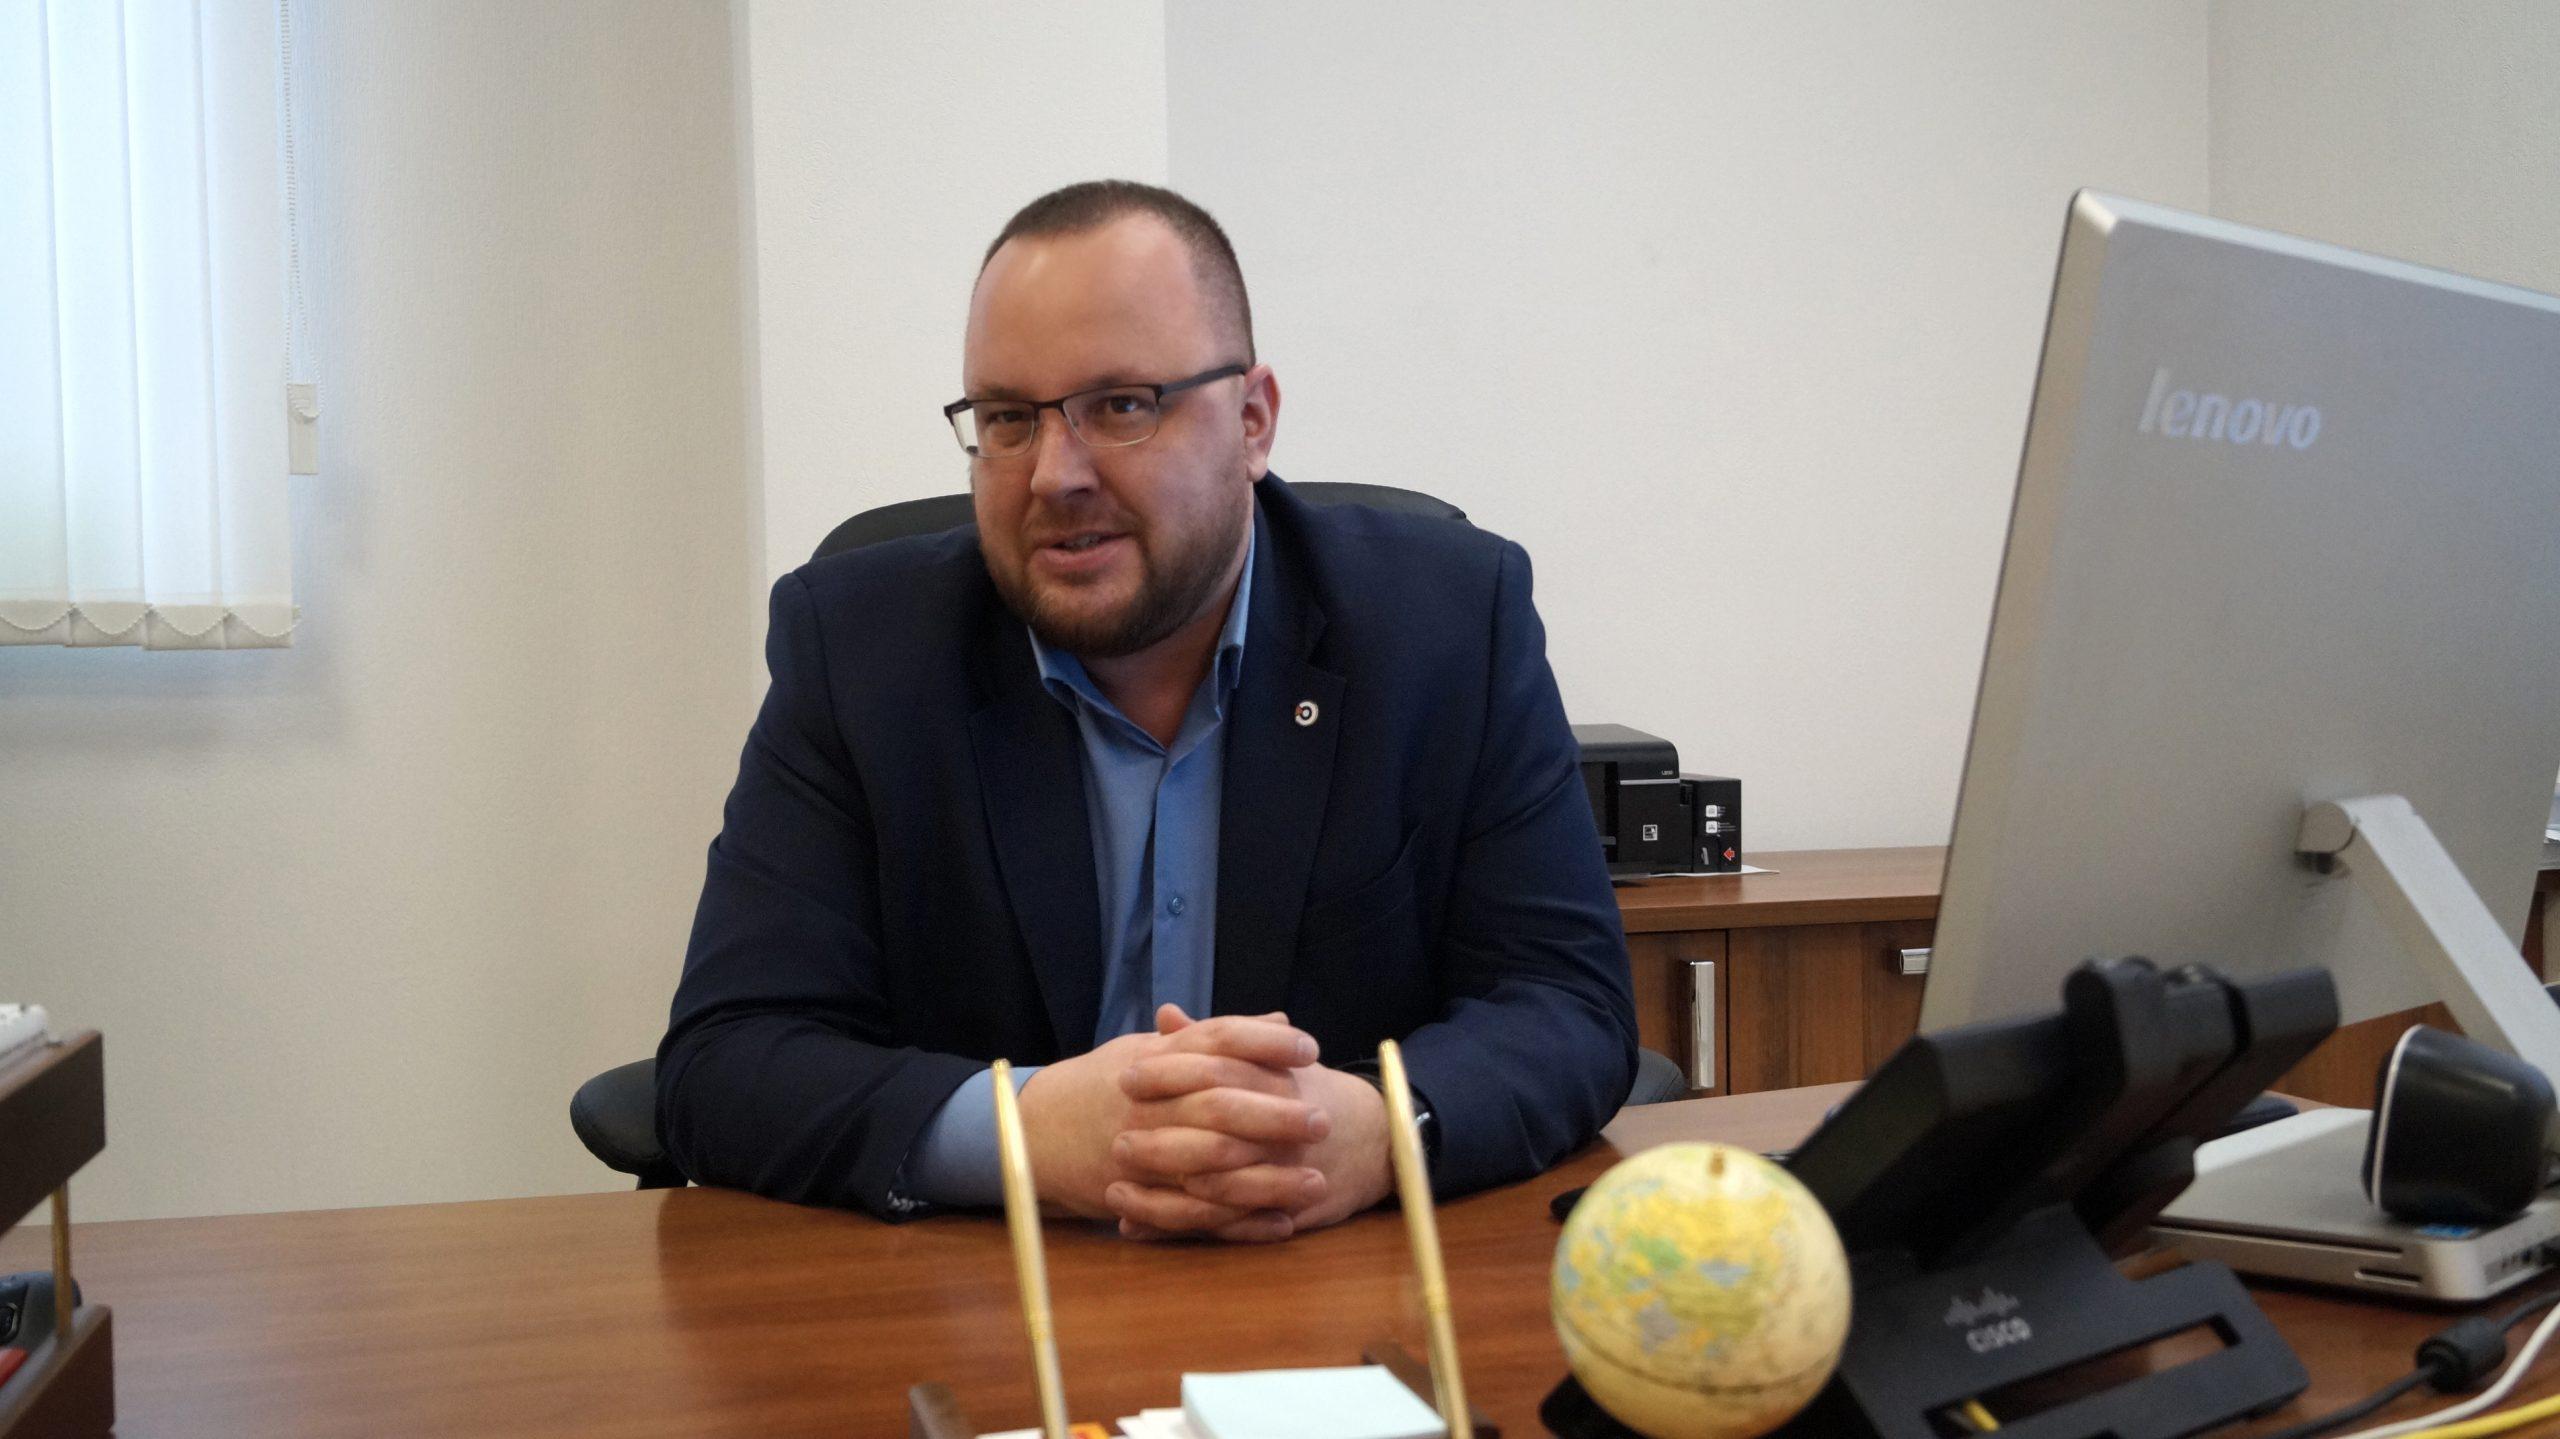 Кирилл Кузнецов, директор филиала АО «ЭР-Телеком Холдинг» в Челябинске (ТМ «Дом.ru», «Дом.ru Бизнес», «ЭР-Телеком») рассказал об особенностях программы «Цифровой город» и других «умных» проектах